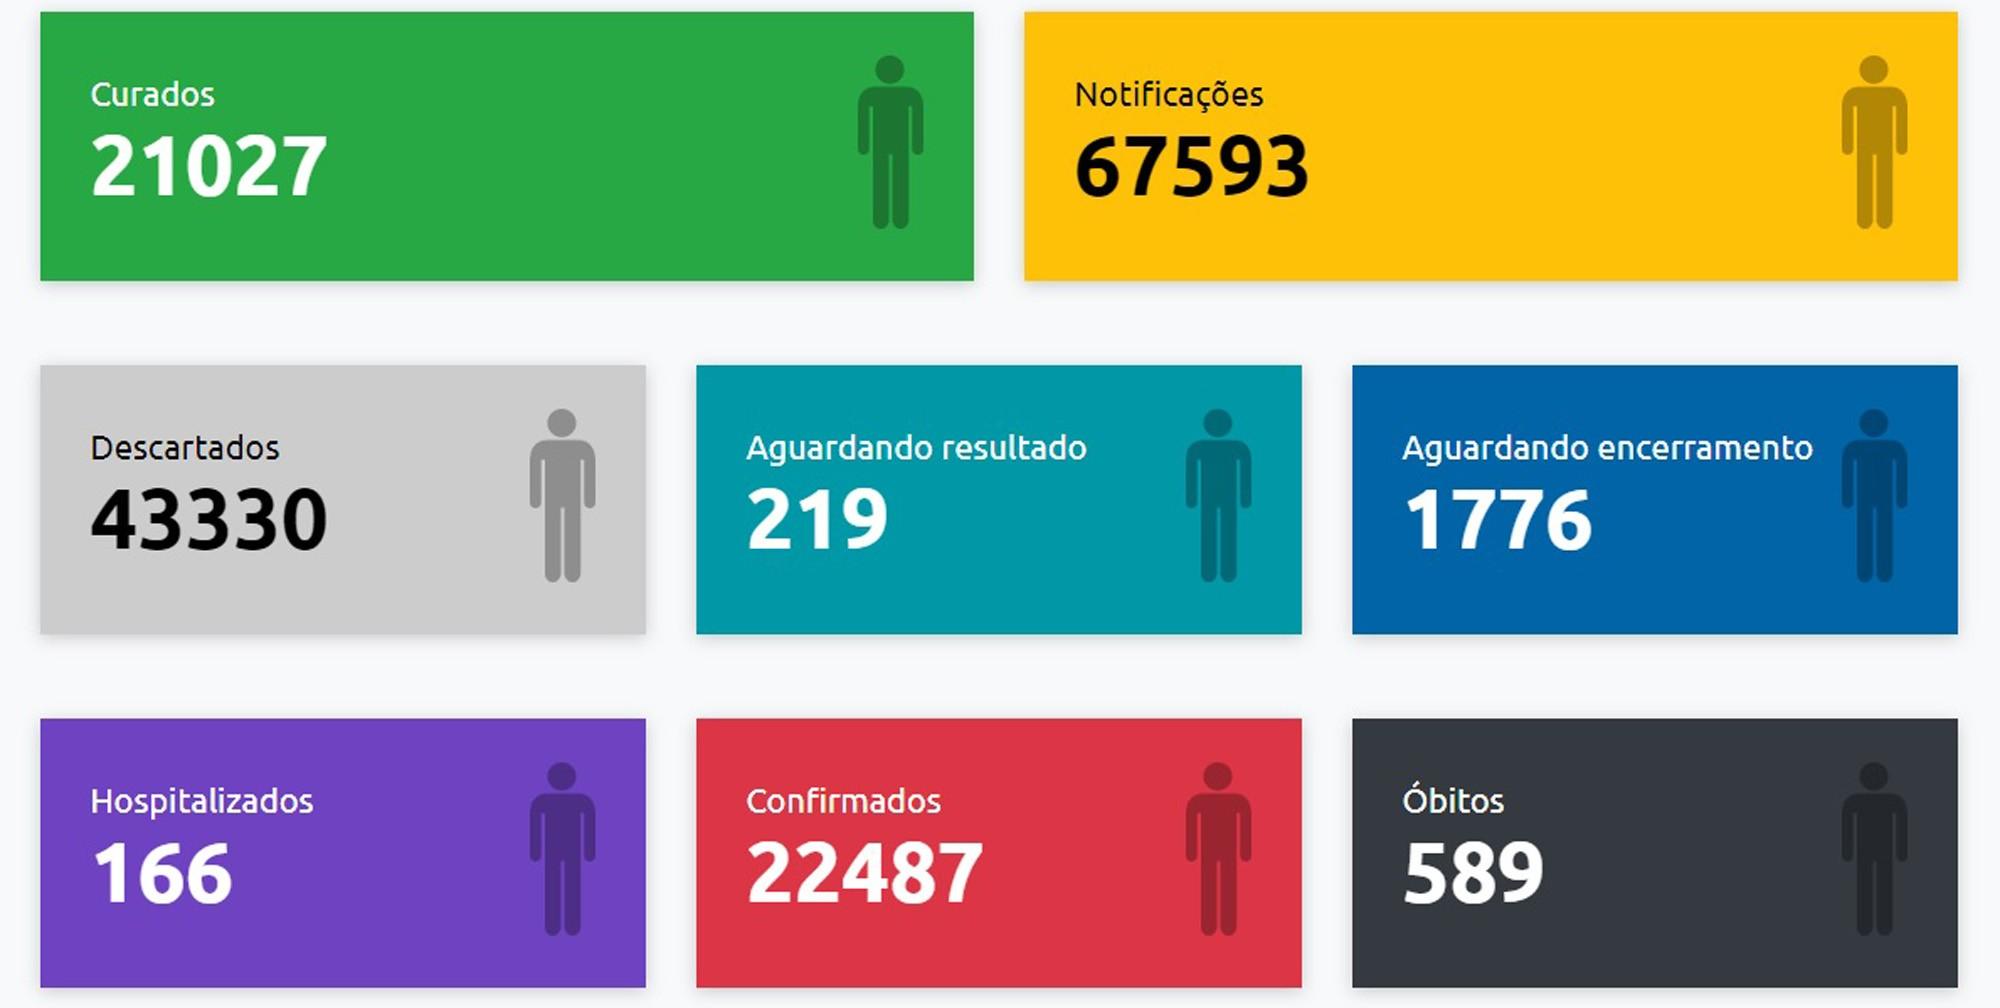 Com mais nove mortes registradas, número de óbitos por Covid-19 em Presidente Prudente chega a 589